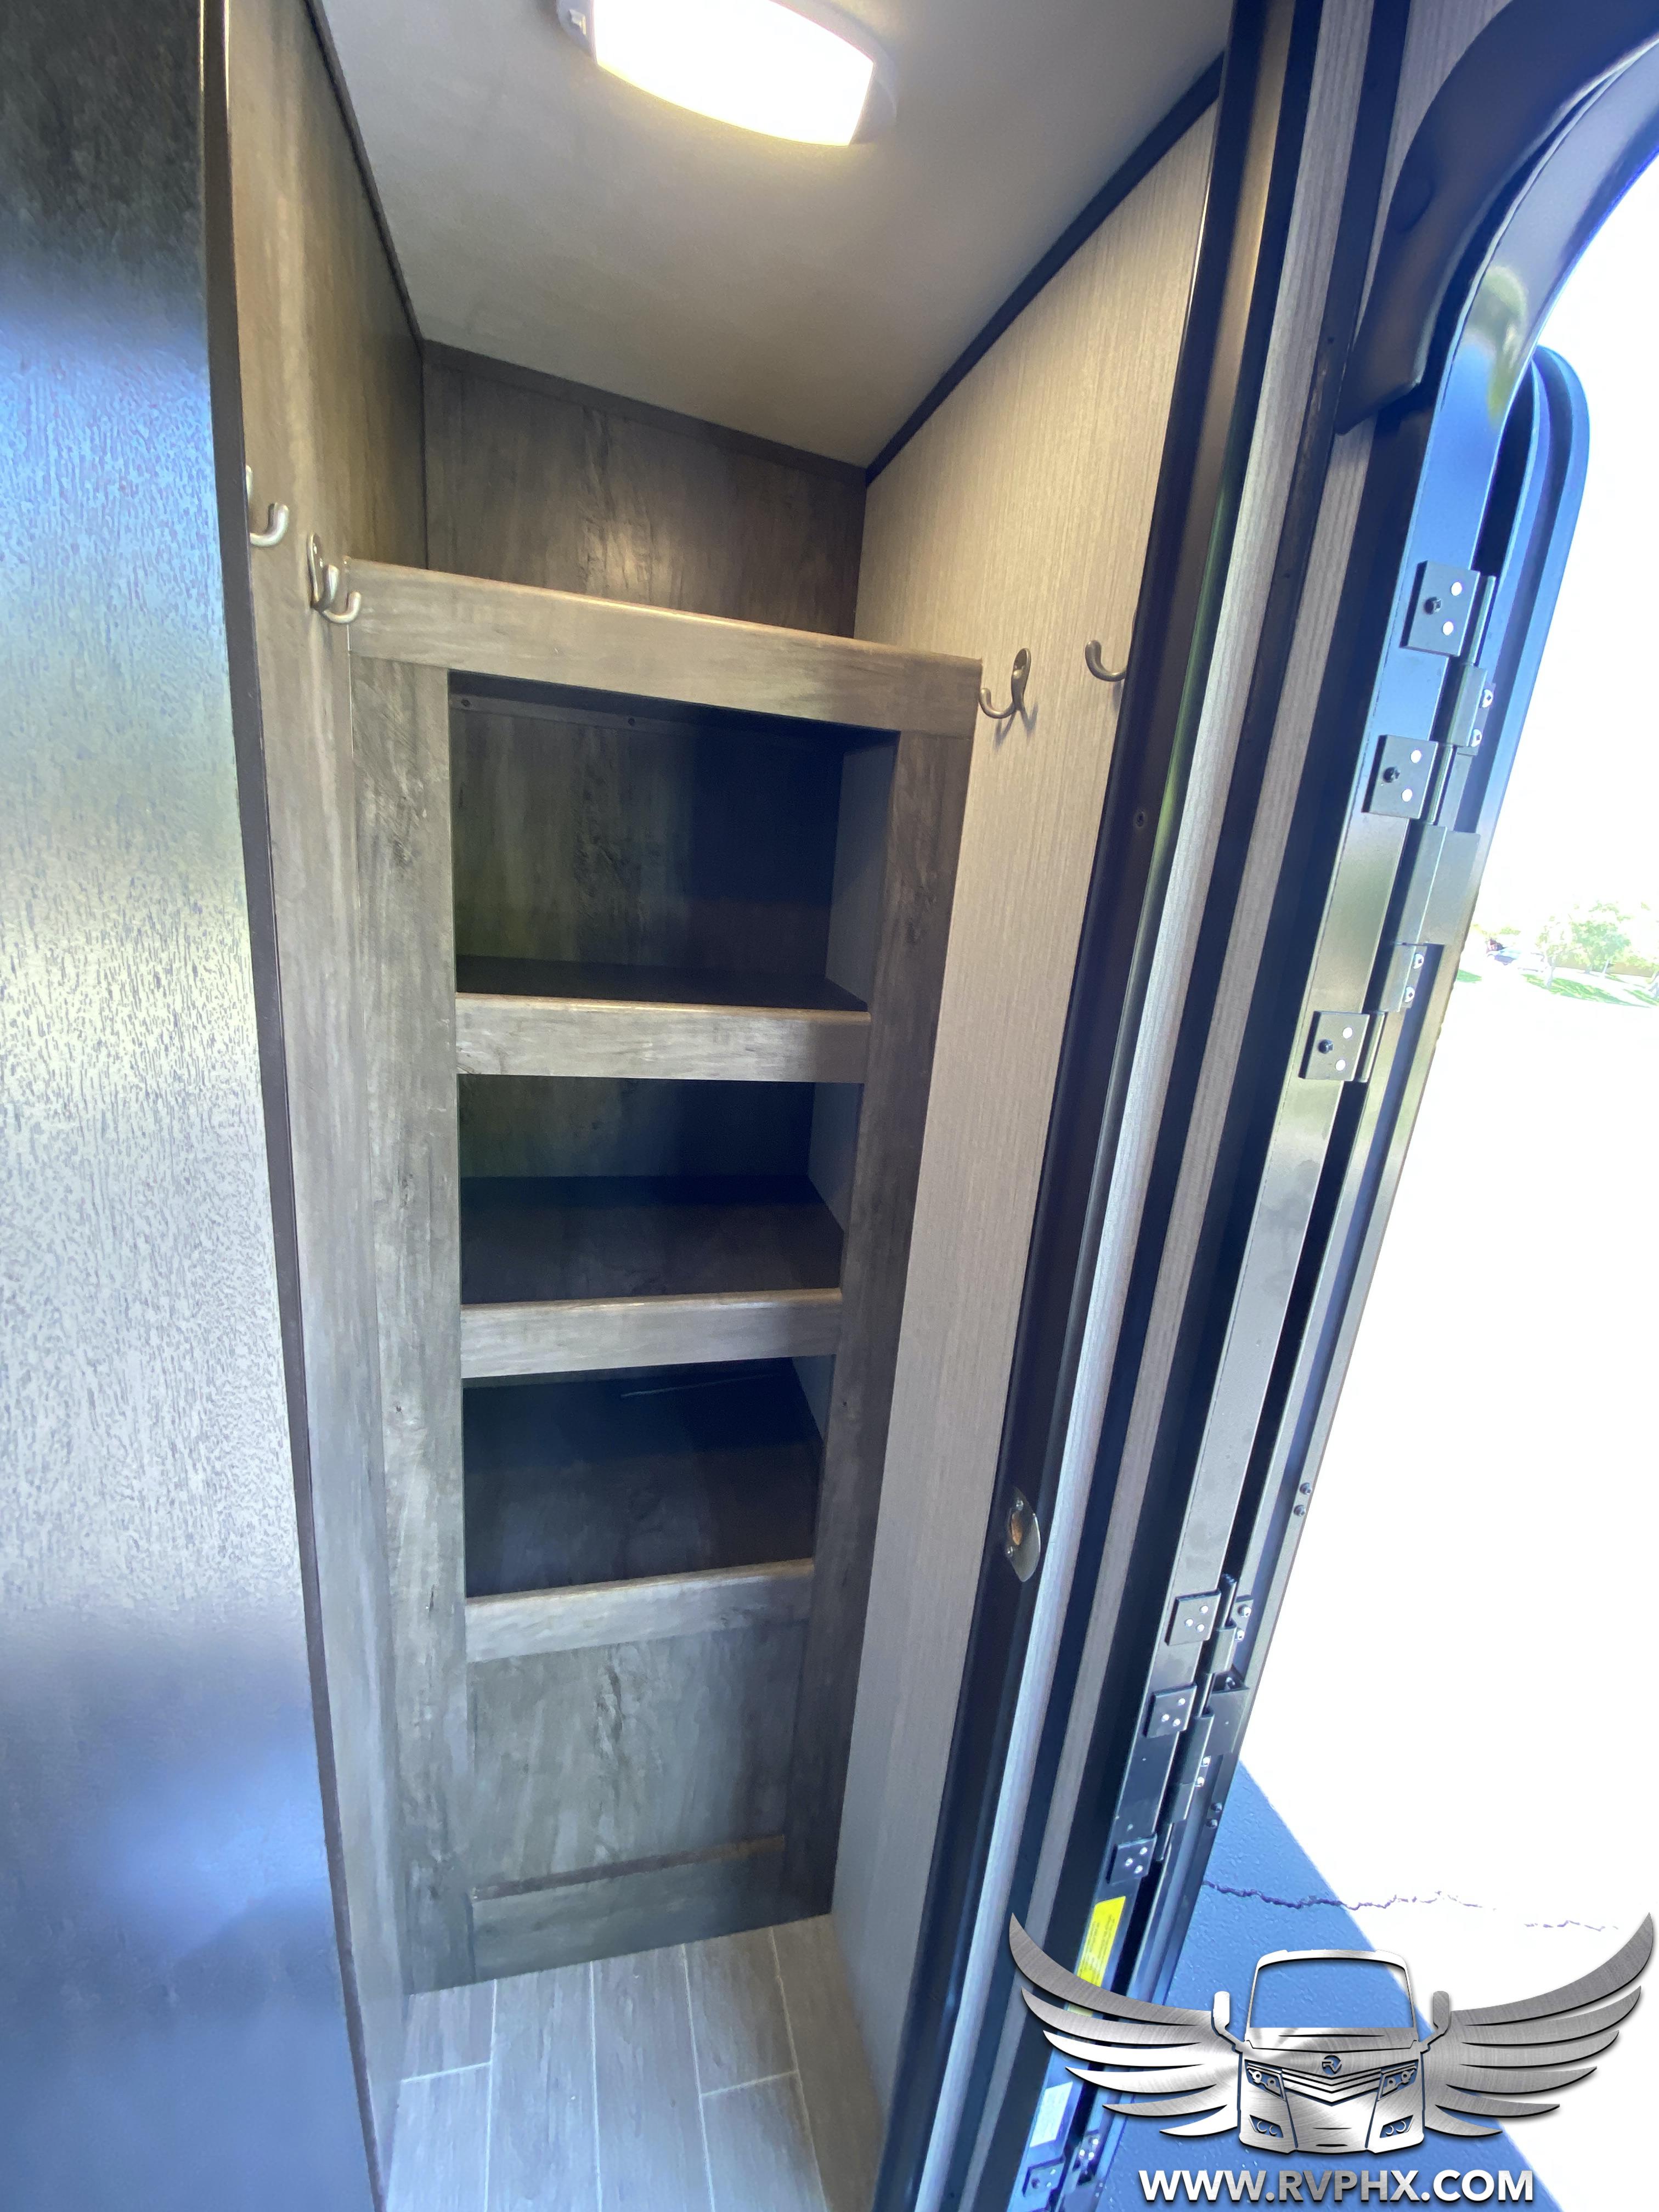 2510bh storage